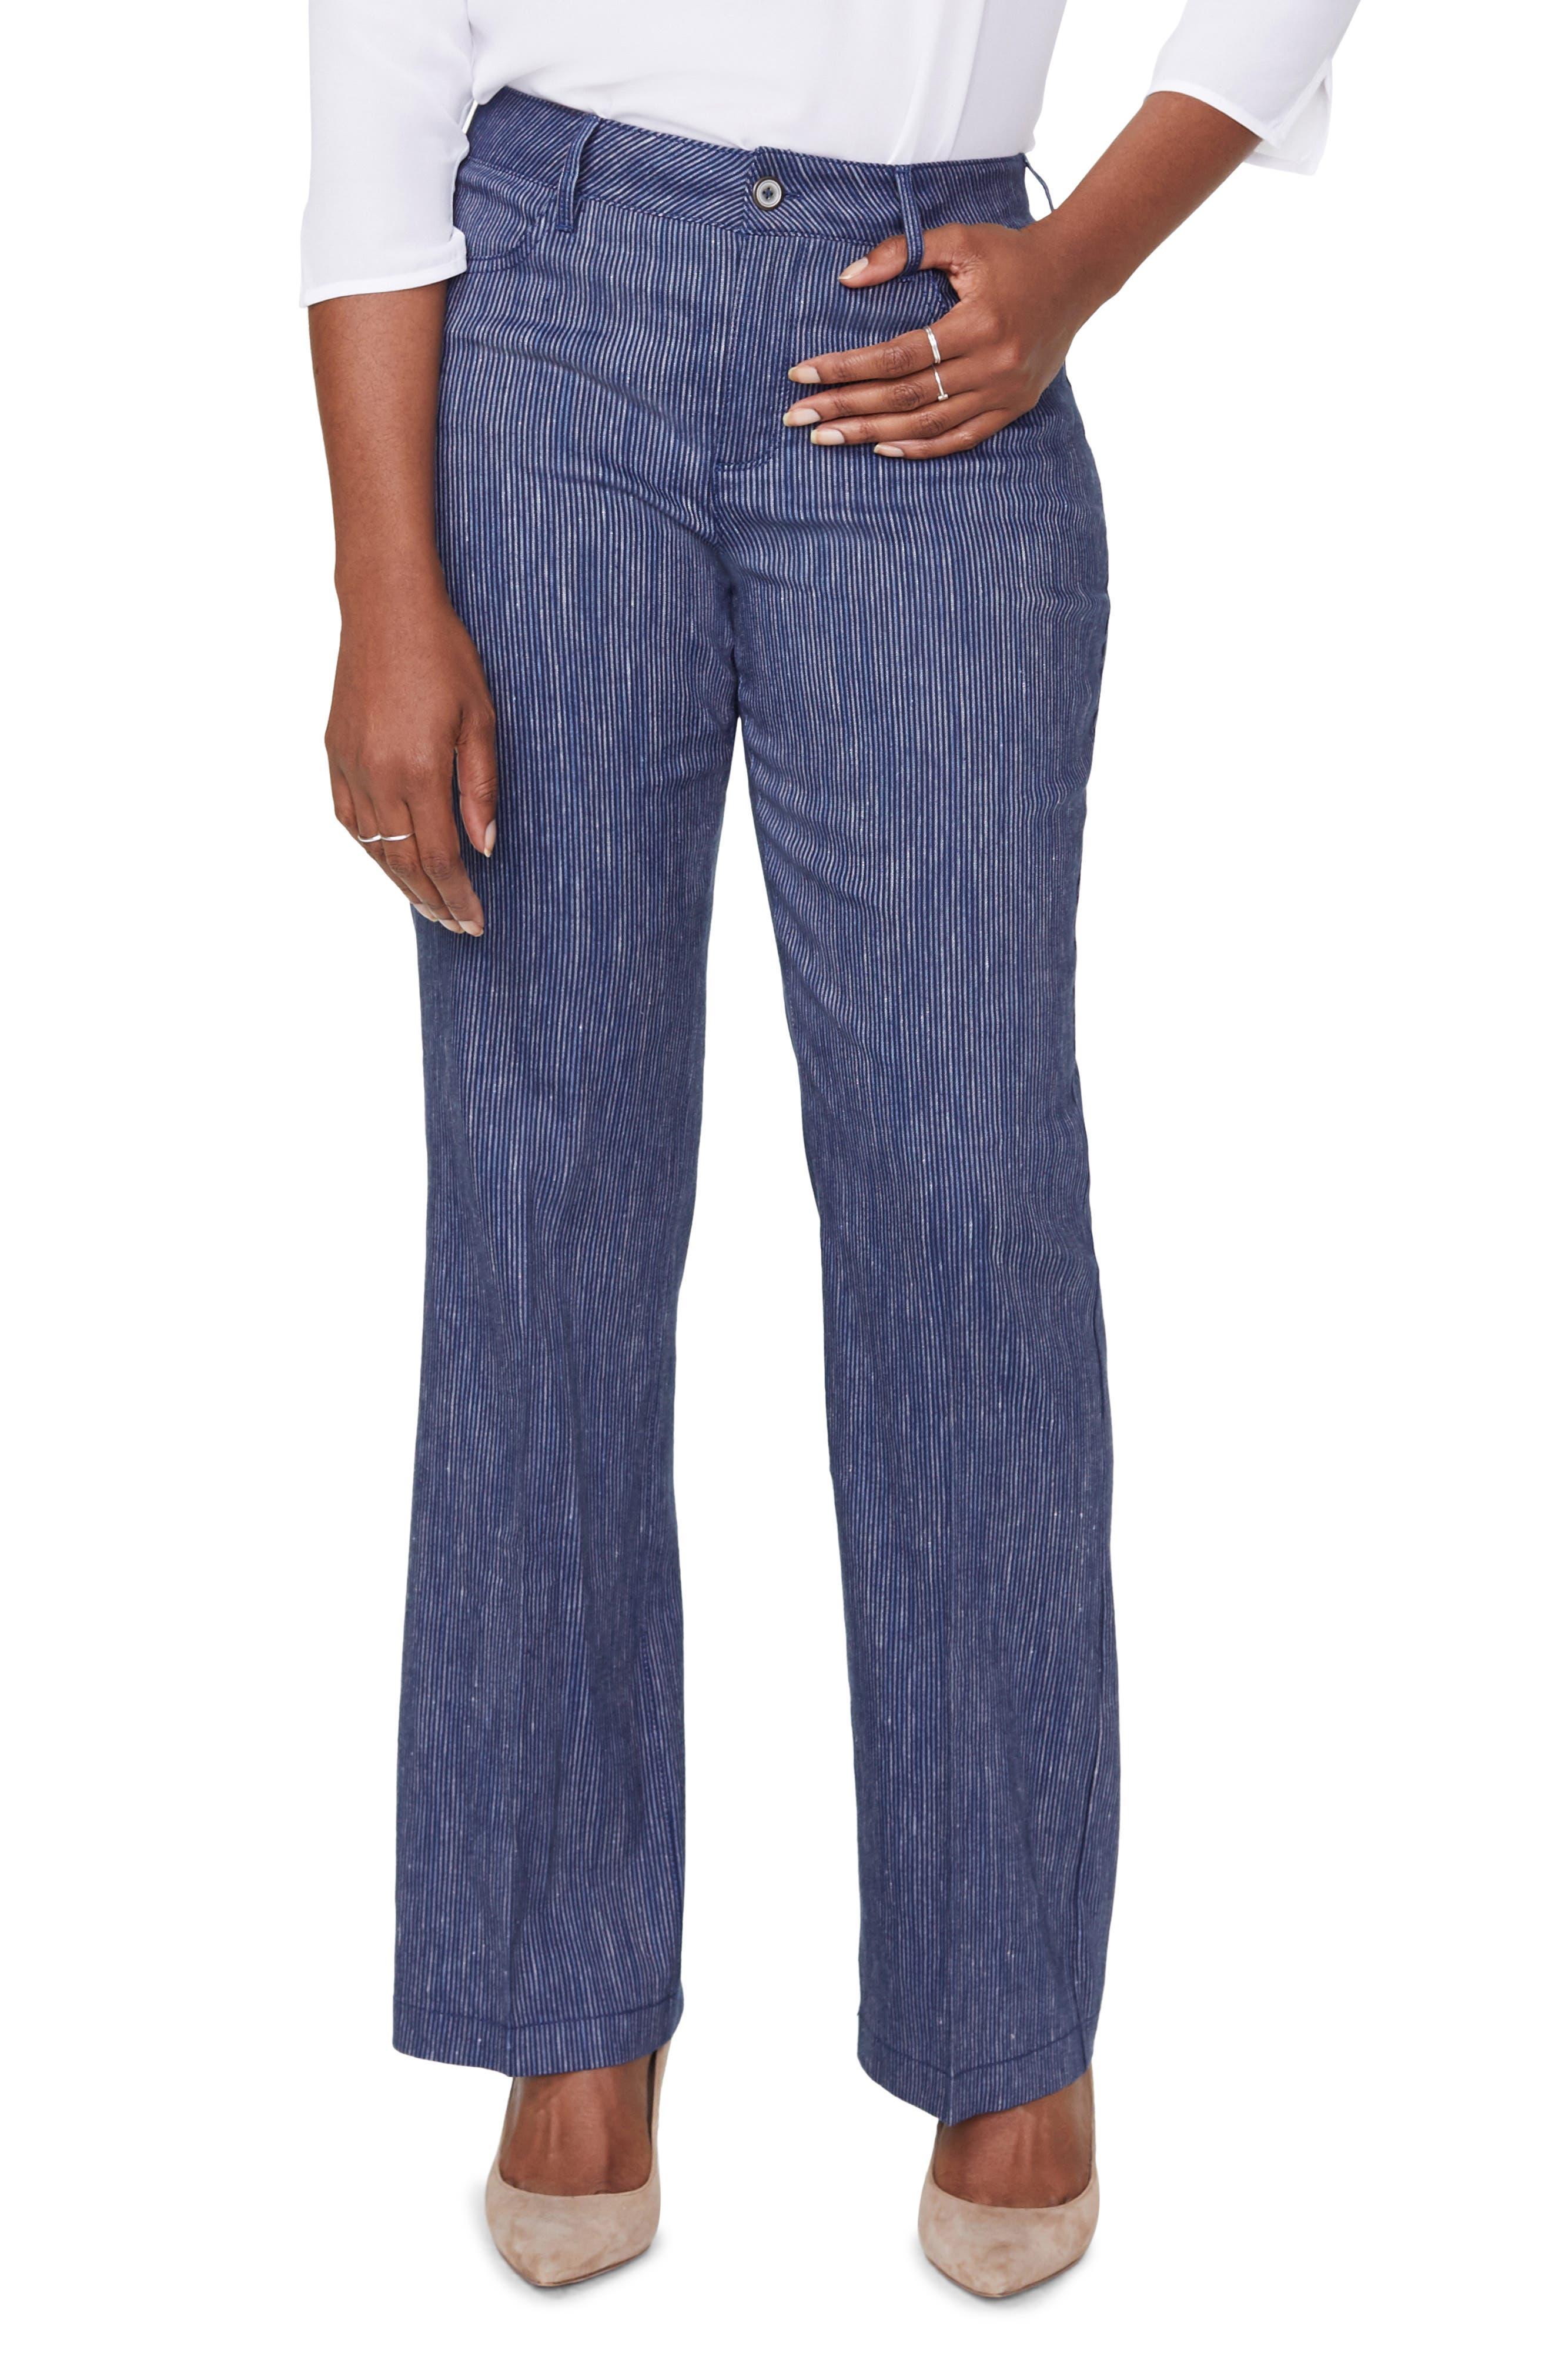 Plus  Women's Curves 360 By Nydj Wide Leg Linen Blend Pants,  14 - Black